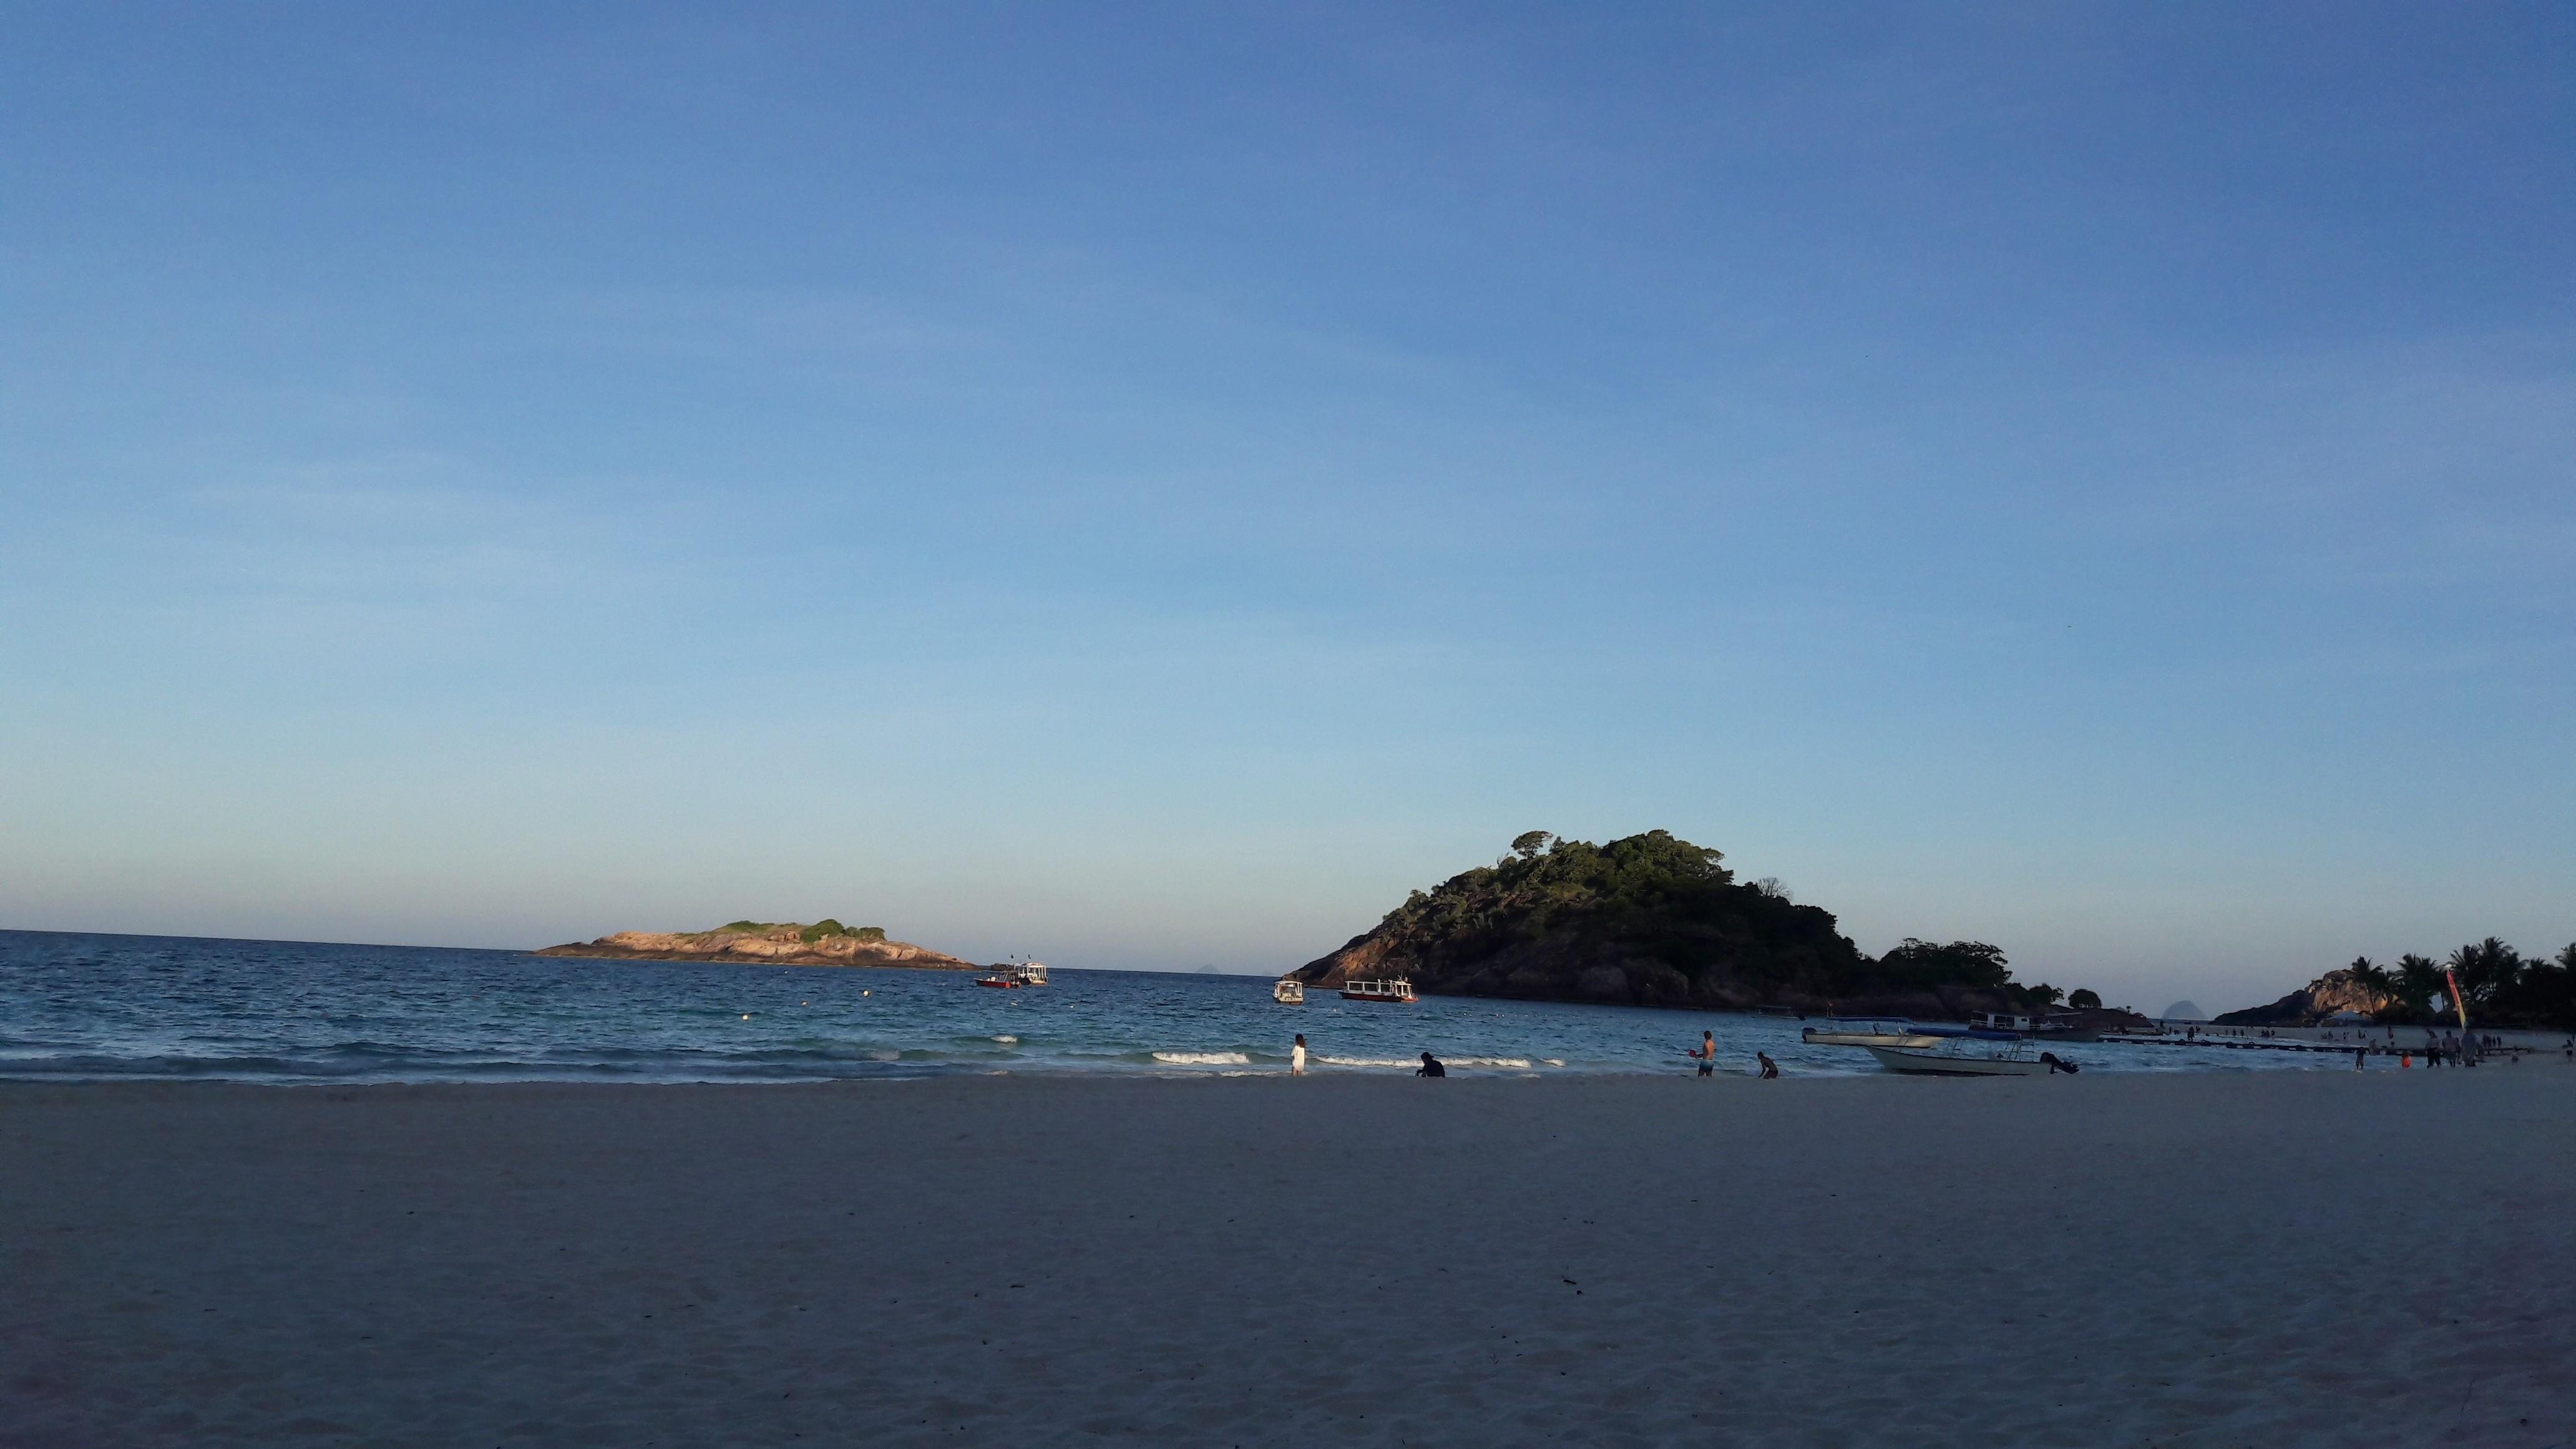 Serunya Snorkling Di Pulau Redang - Malaysia